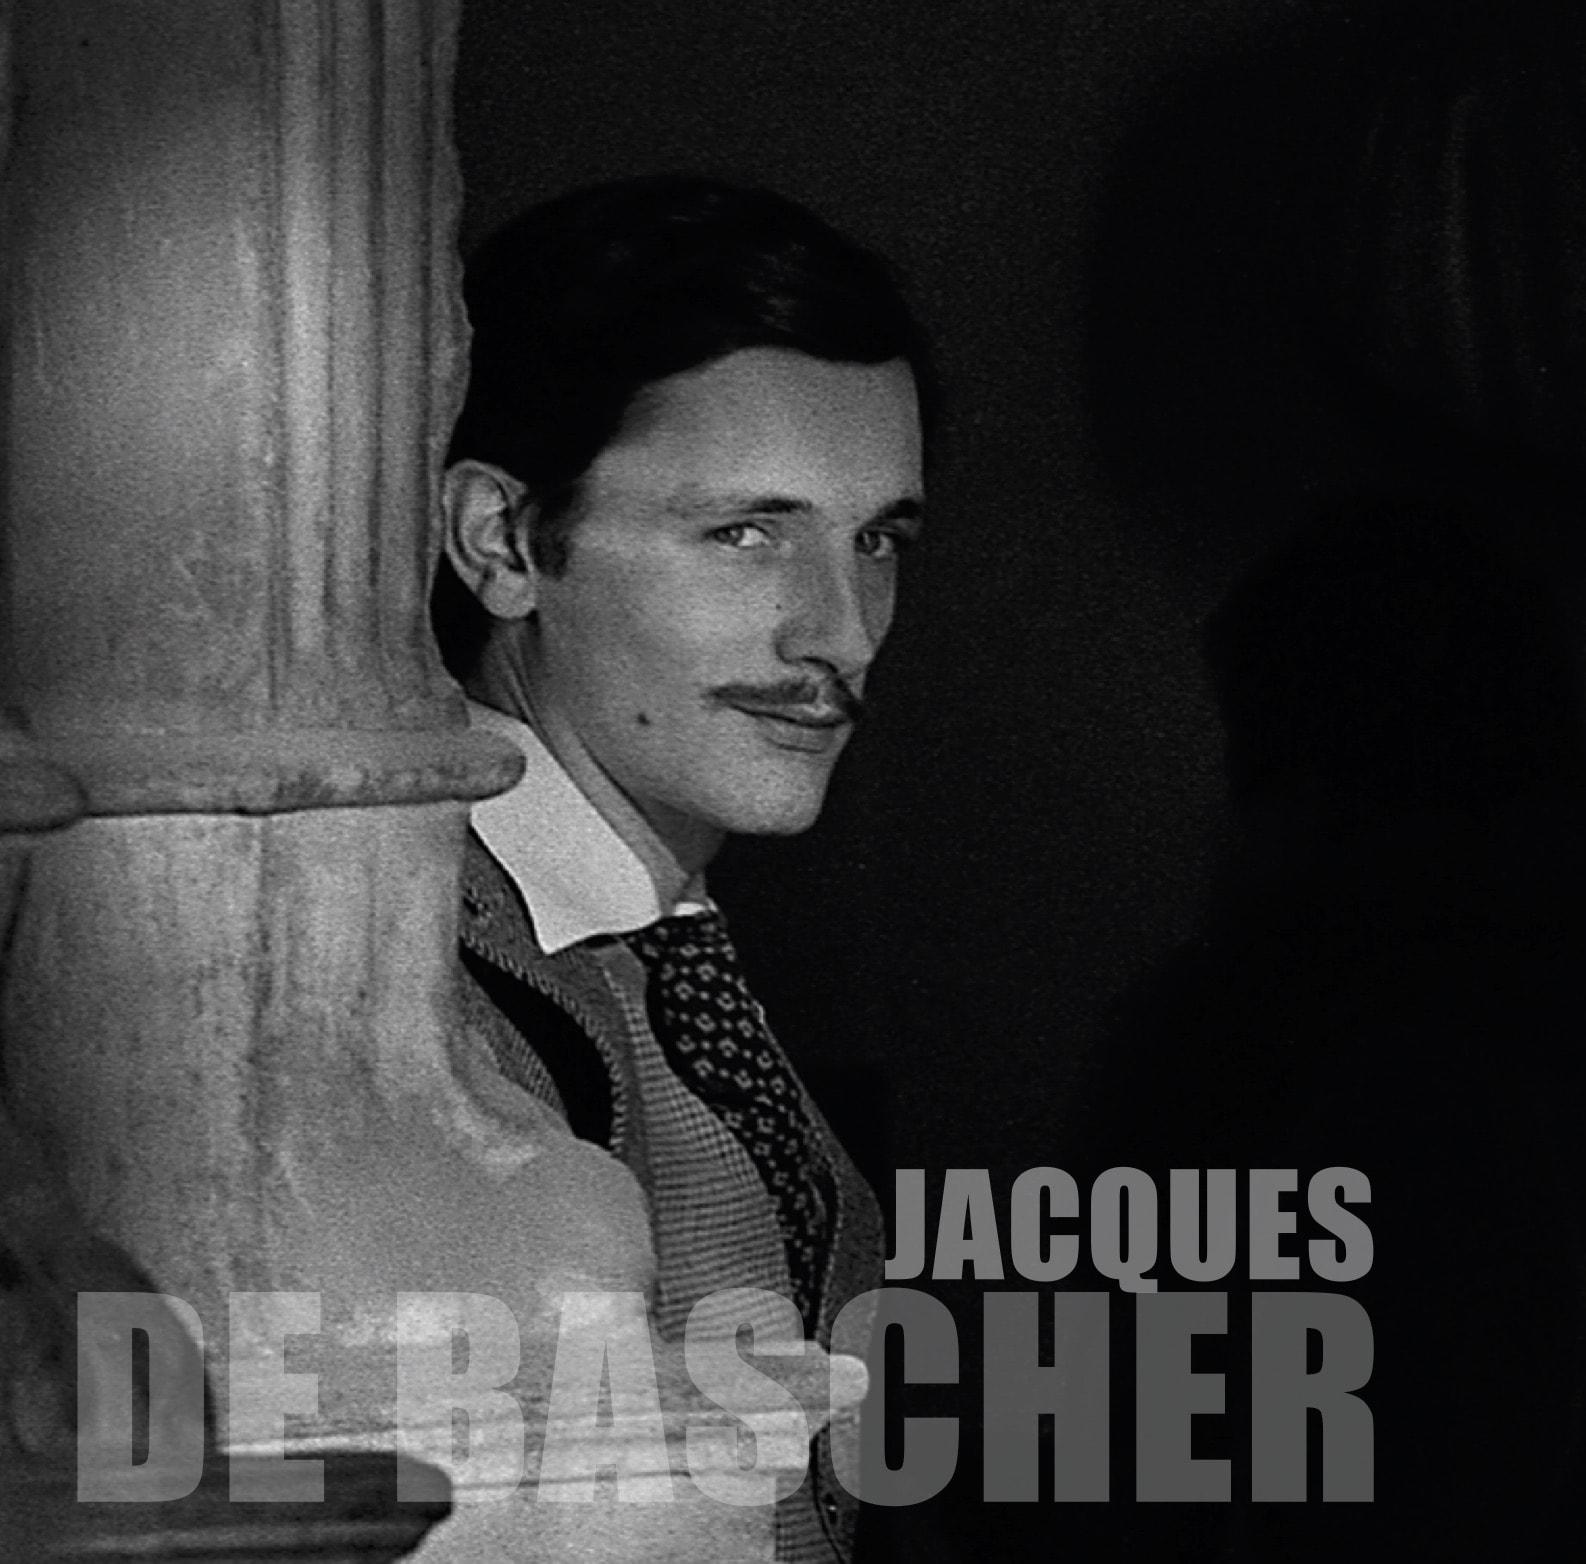 Jacques de Bascher, éloge de la chute de Philippe Heurtault & Christian Dumais-Lvowski image couverture livre